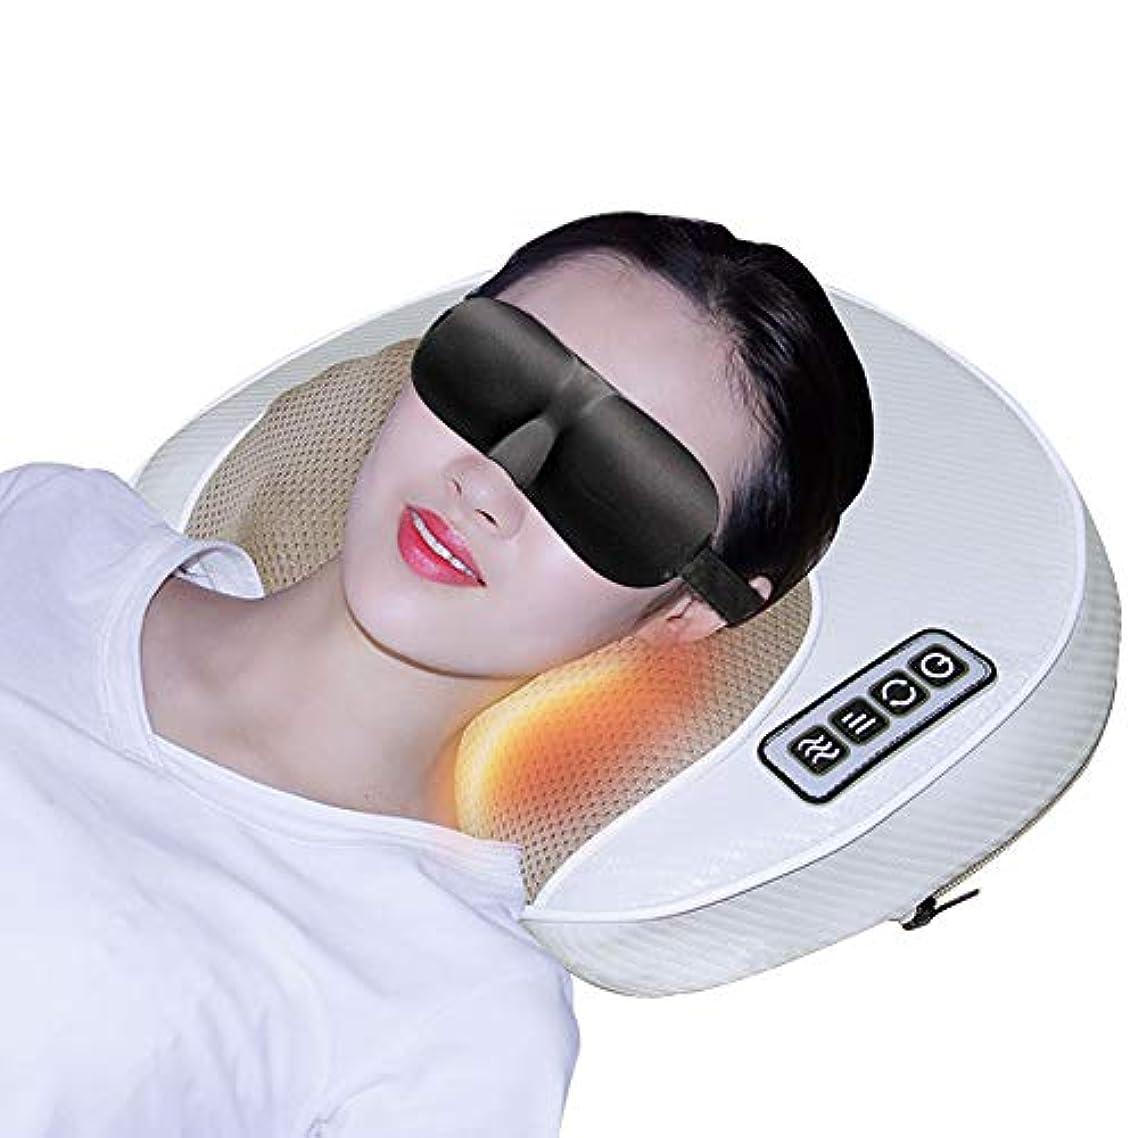 教師の日独立して背骨RanBow 8D首マッサージピロー 首/肩/背中/お腹/腰/太もも/ふくらはぎ/足裏 マッサージャー マッサージ クッション 枕 赤外温熱療法 16個の揉み玉 3階段のレベル 15分オートオフタイマー 3Dアイマスク付 クリーム